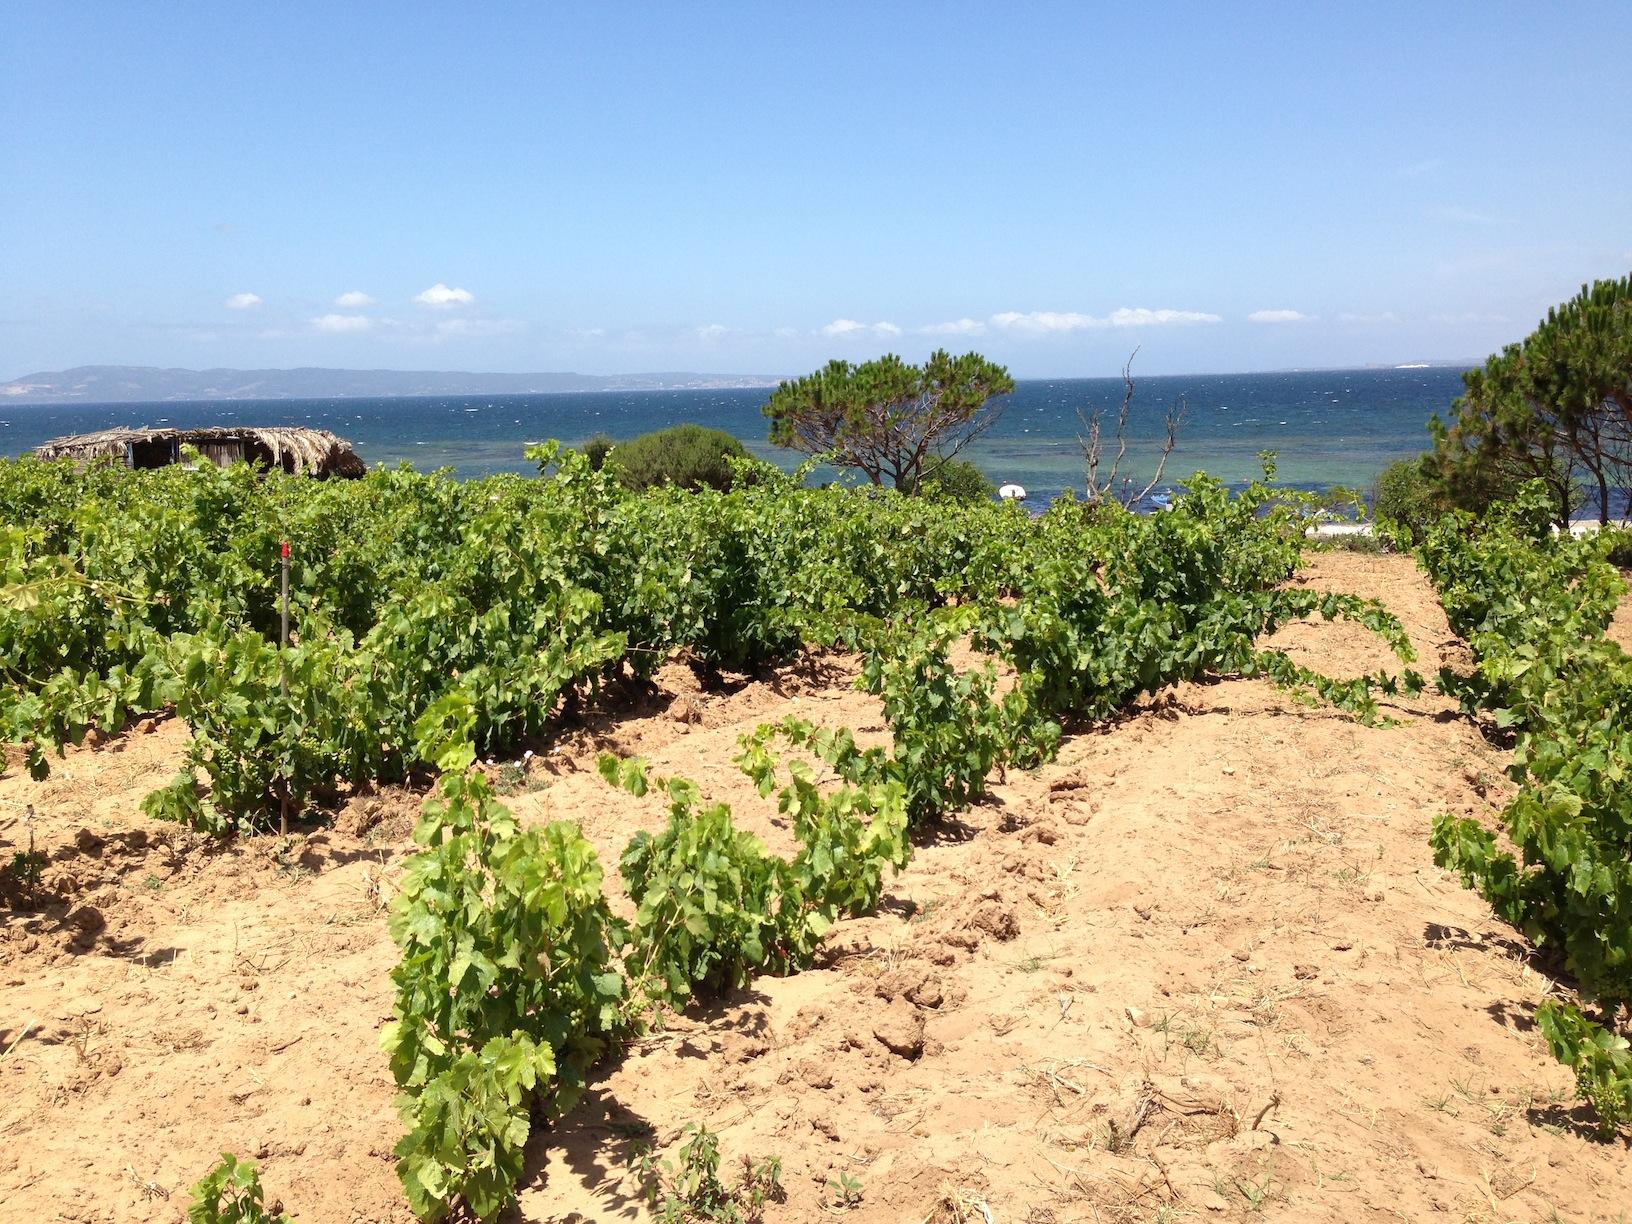 Sardegna - Carignano del Sulcis